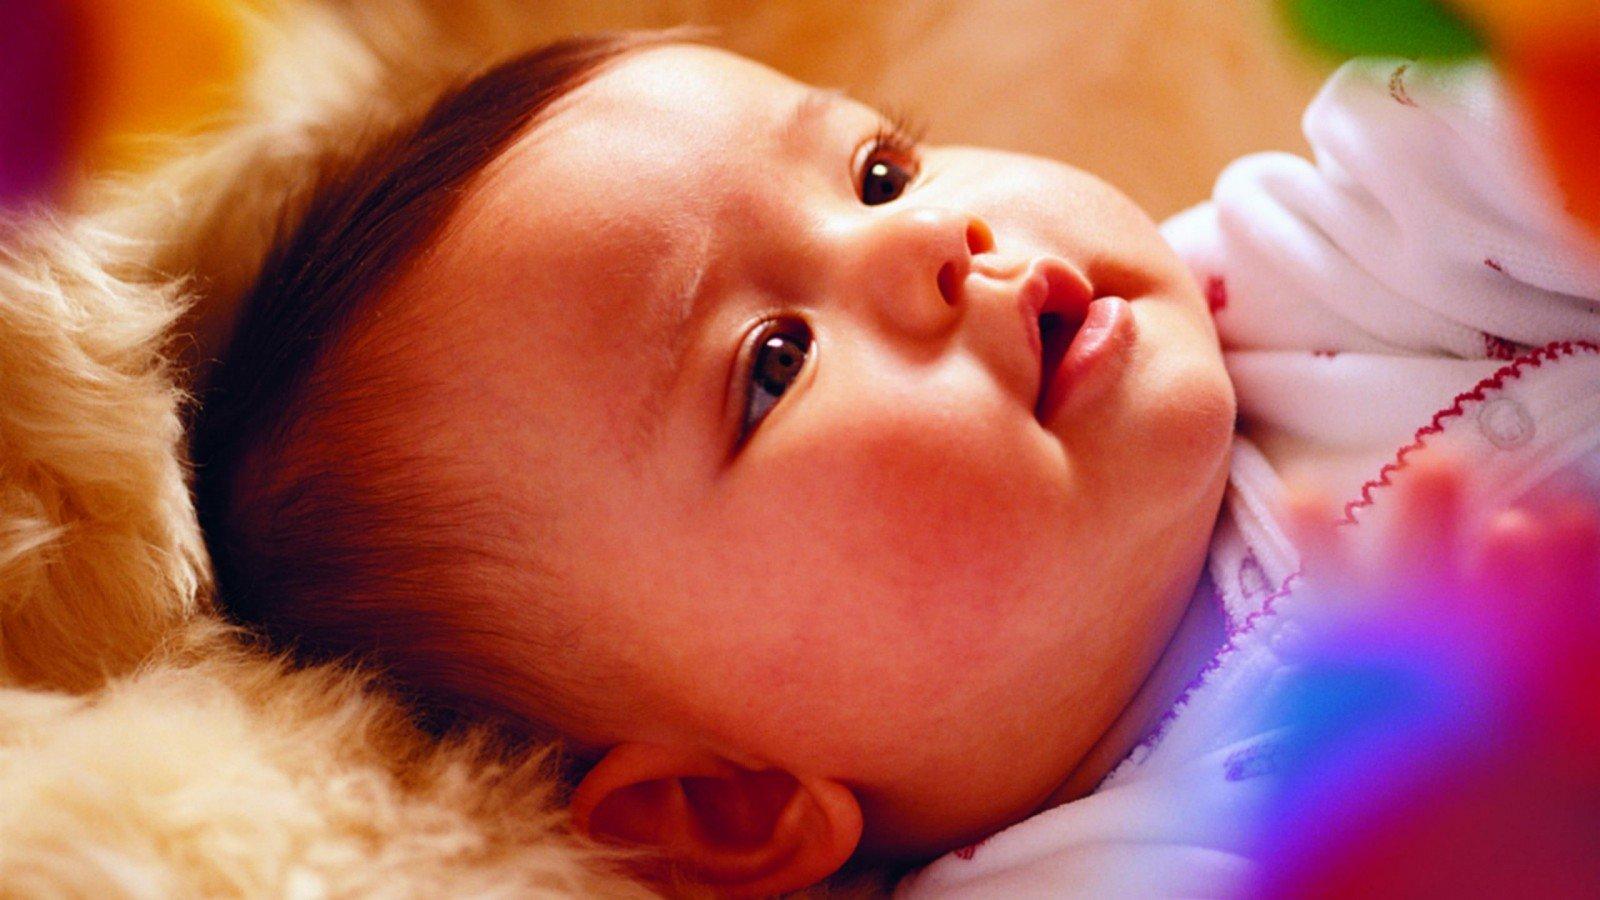 100 cute baby wallpapers wallpapersafari for Boby wallpaper